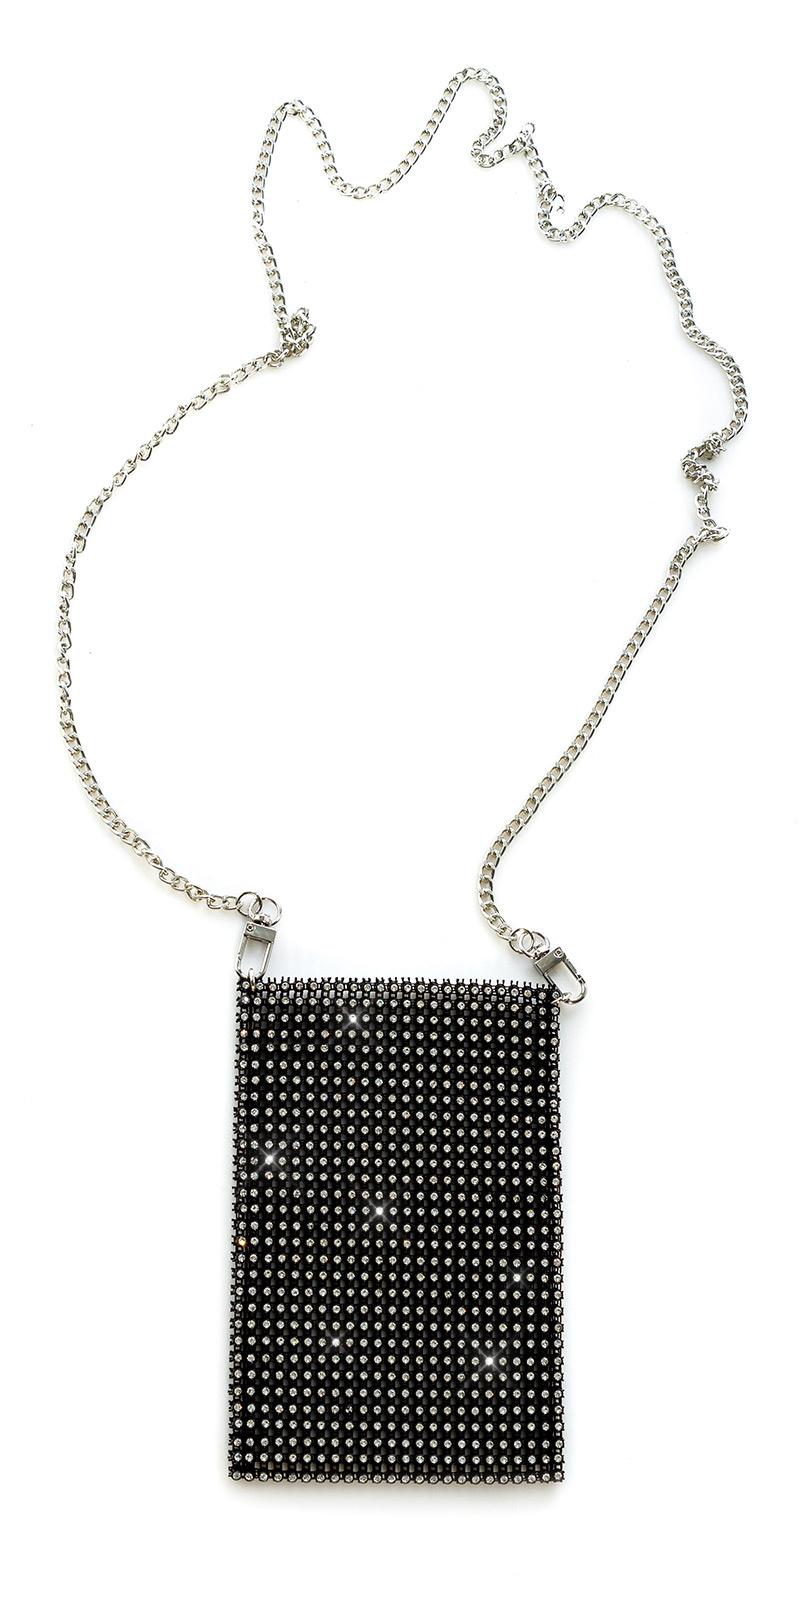 Trendy clutch/smartphone met strass steentjes zwartzilver